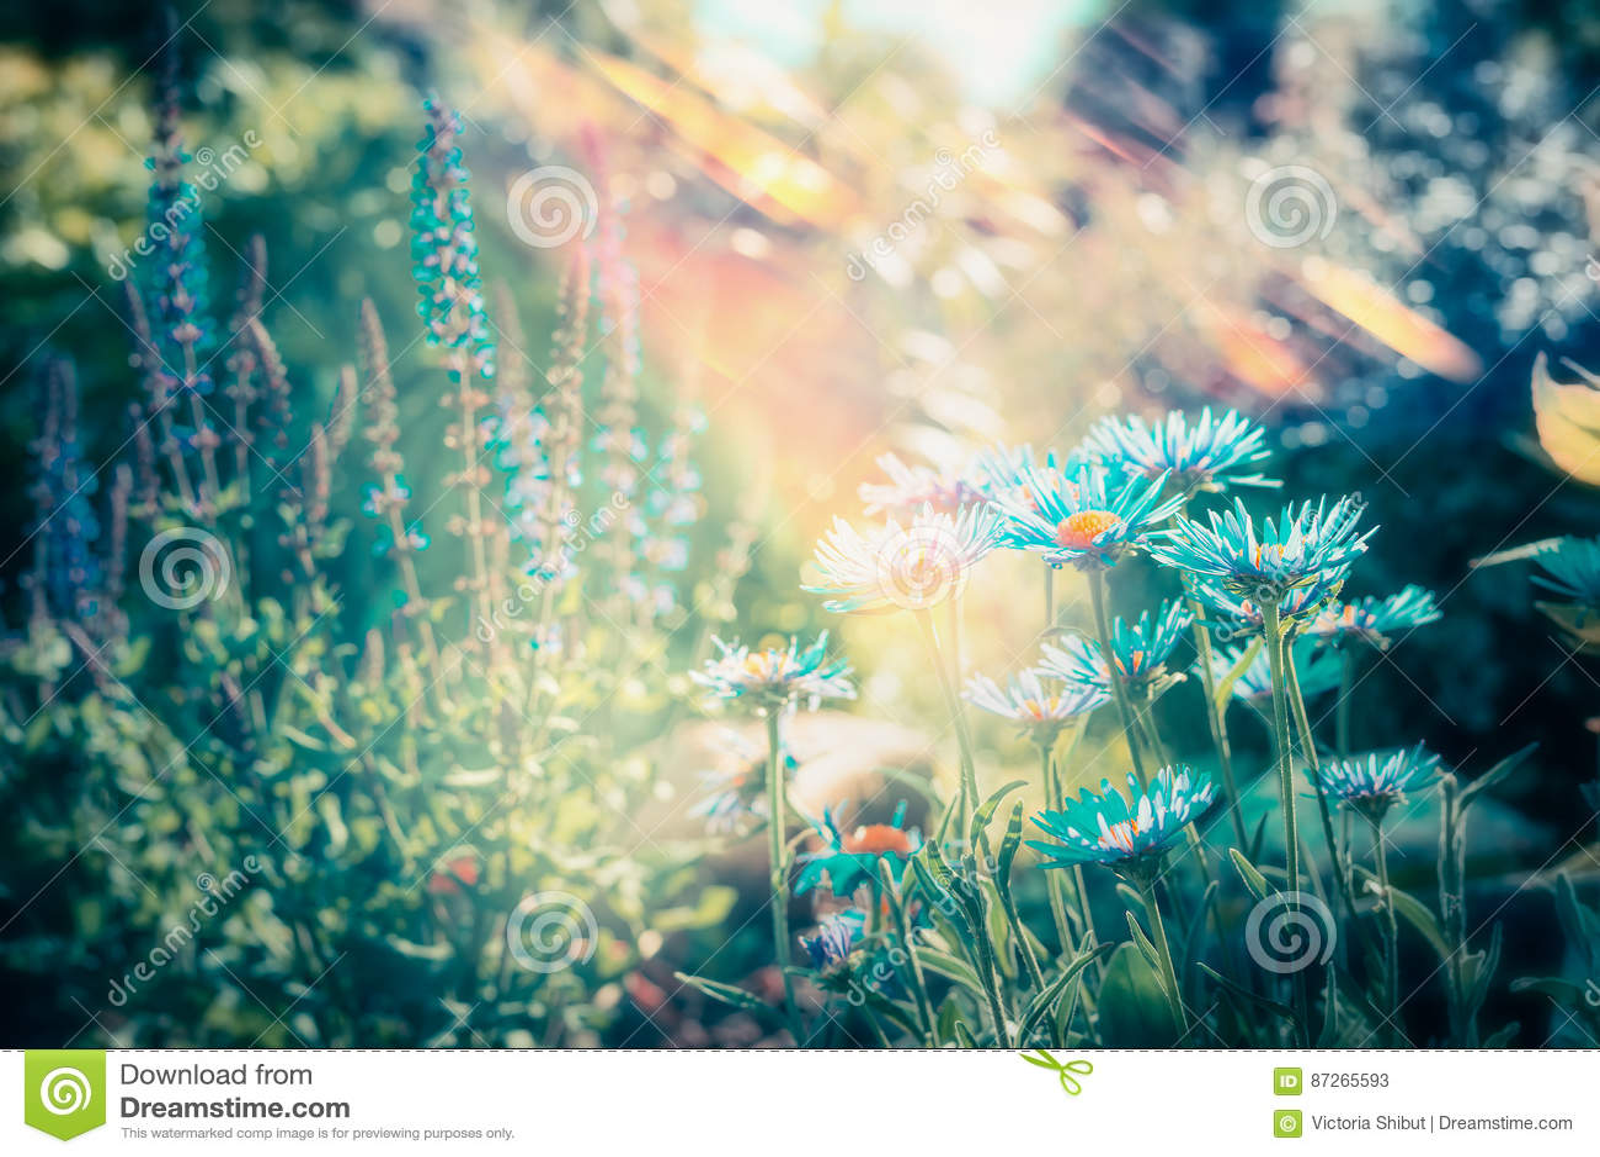 Jardim de flores bonito com florescência, natureza exterior